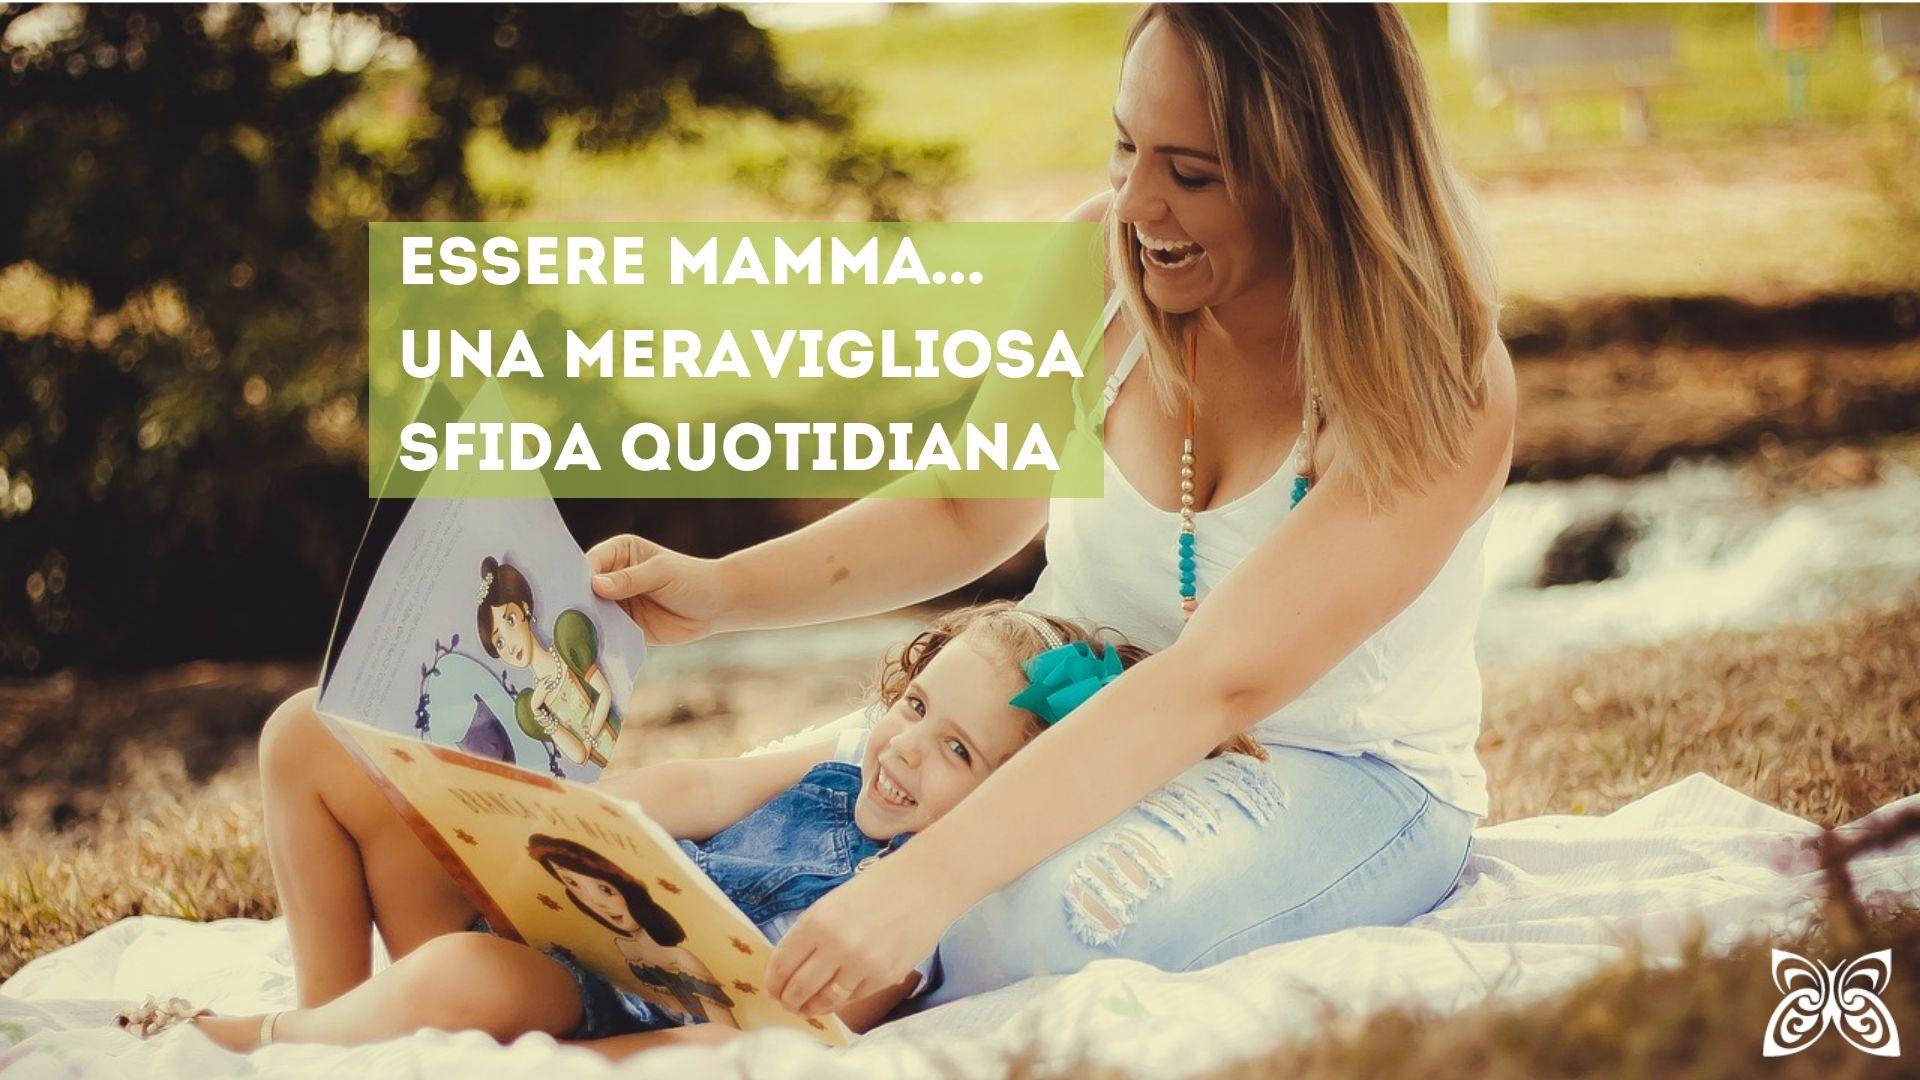 Mamma in Prima Linea: in Equilibrio tra Famiglia e Lavoro (parte 1)